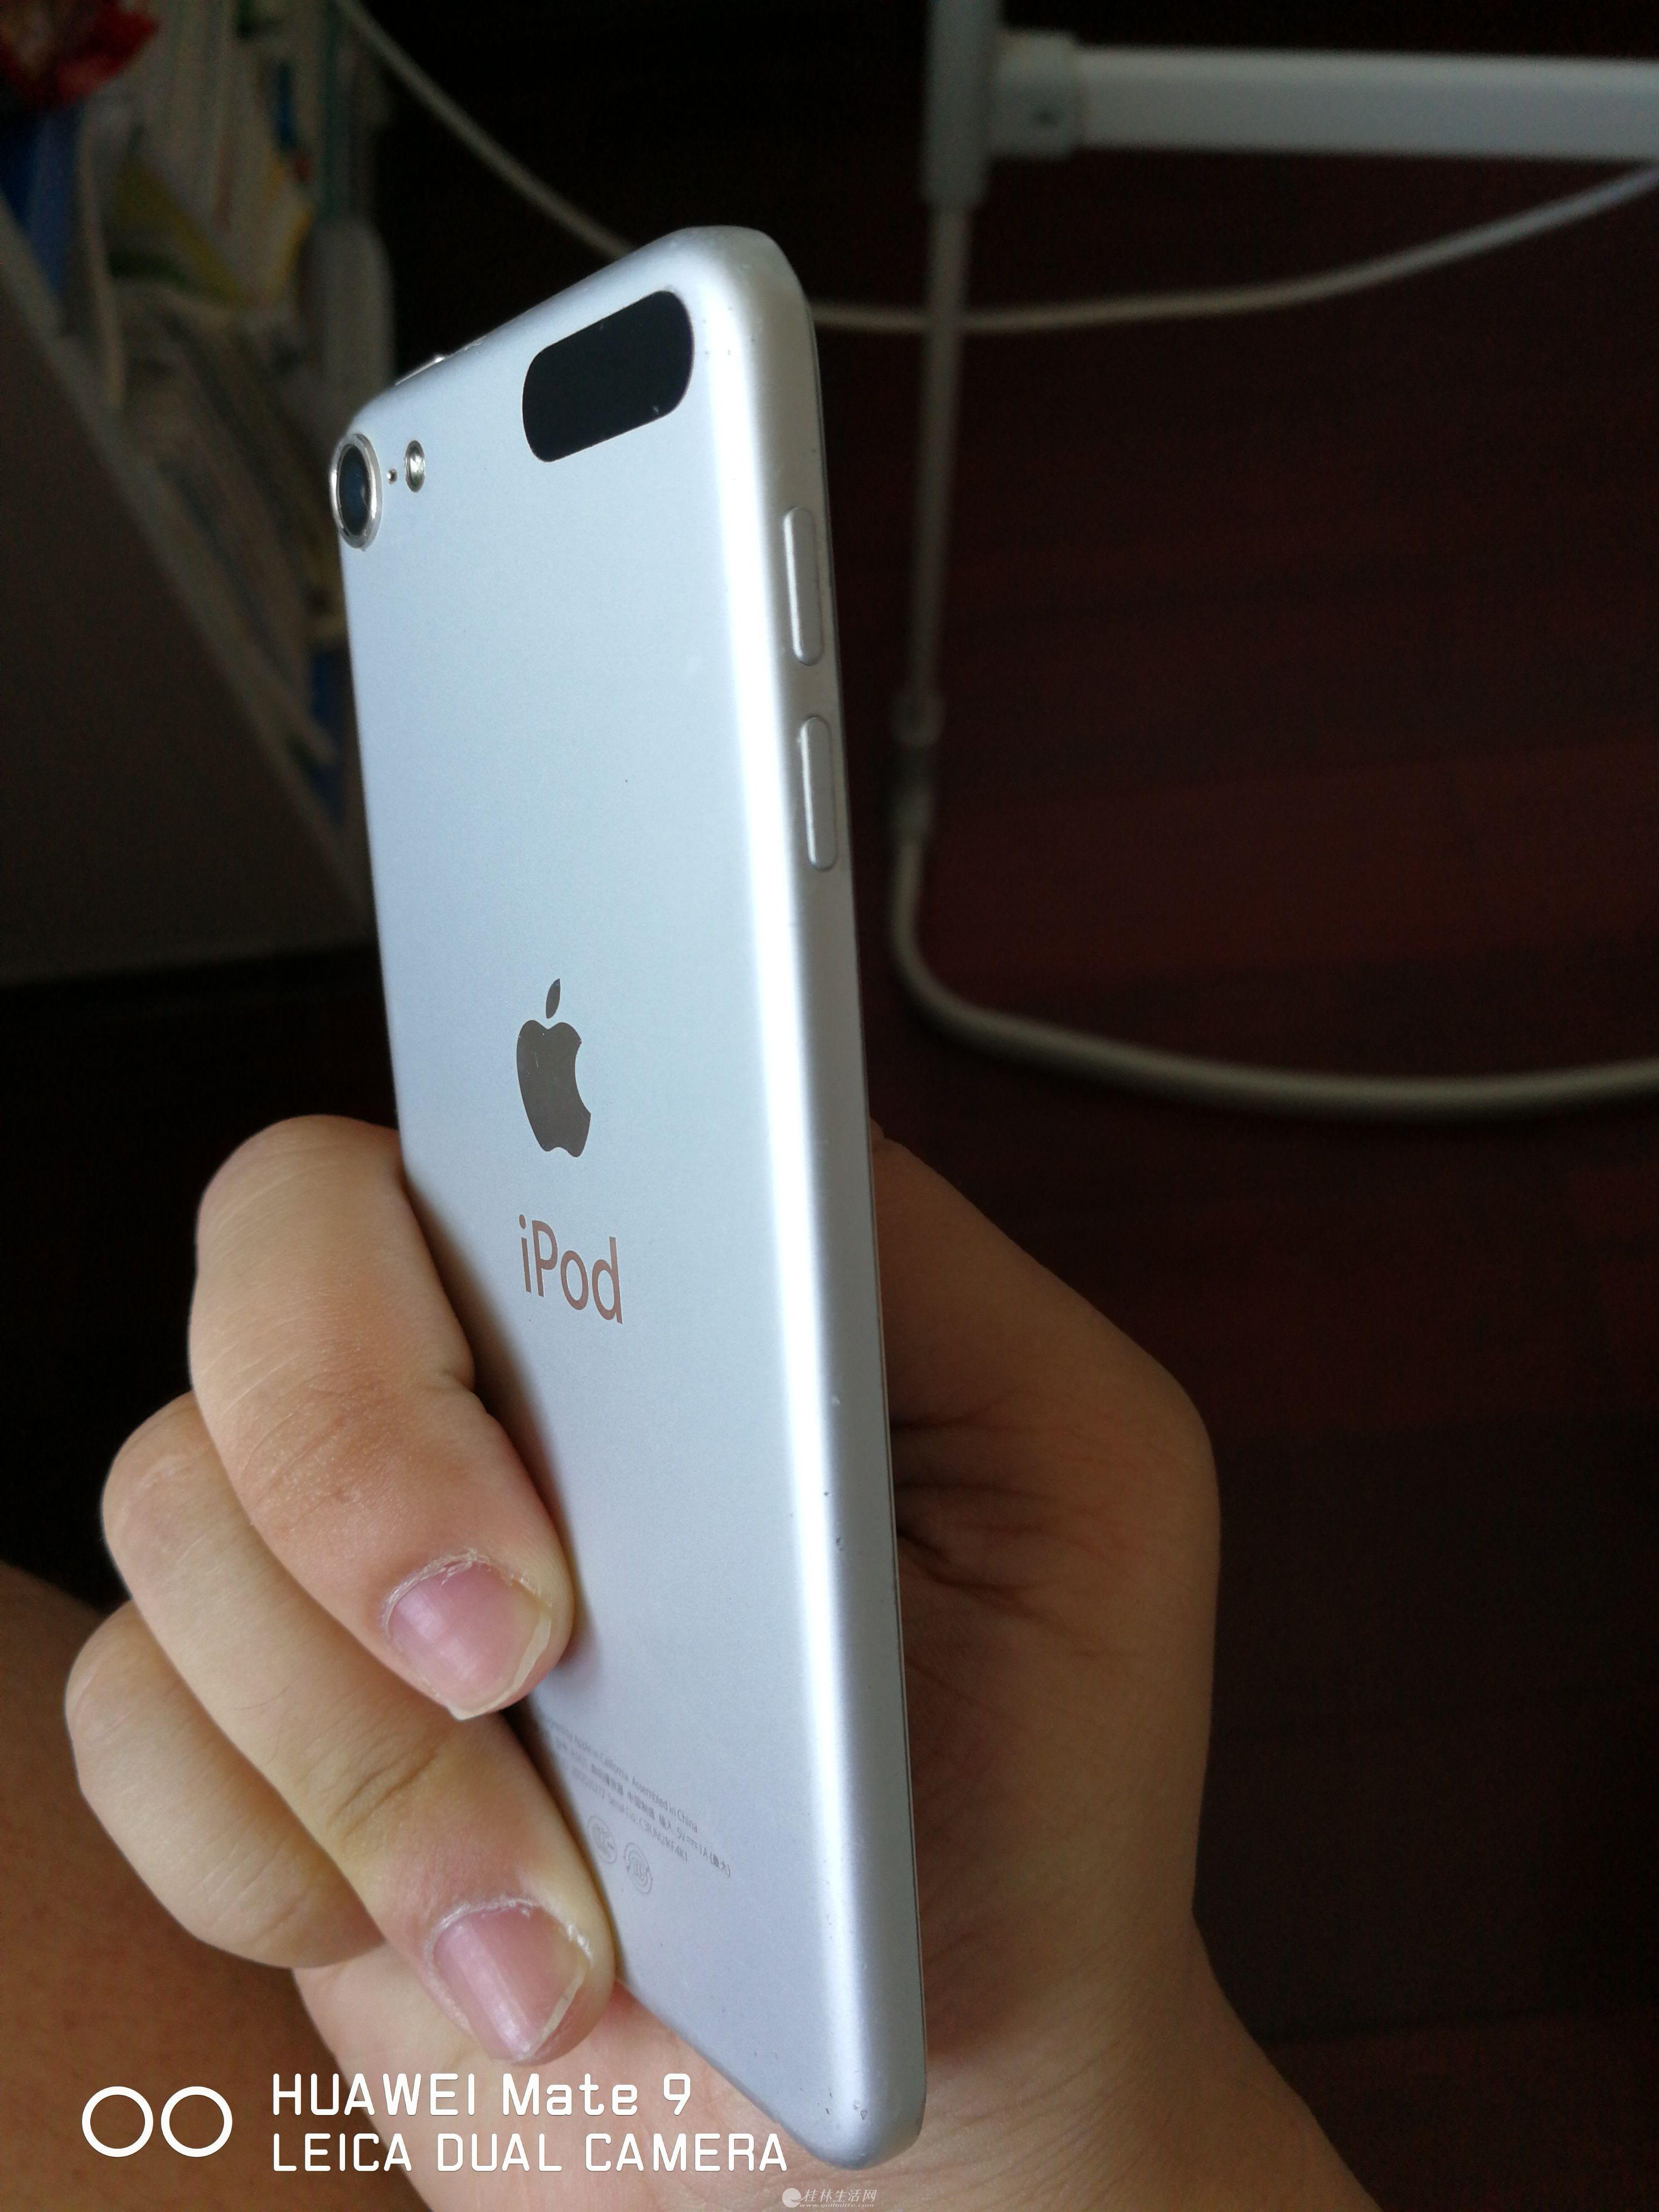 出售9成新苹果ipod,几乎没用过,有意者速联